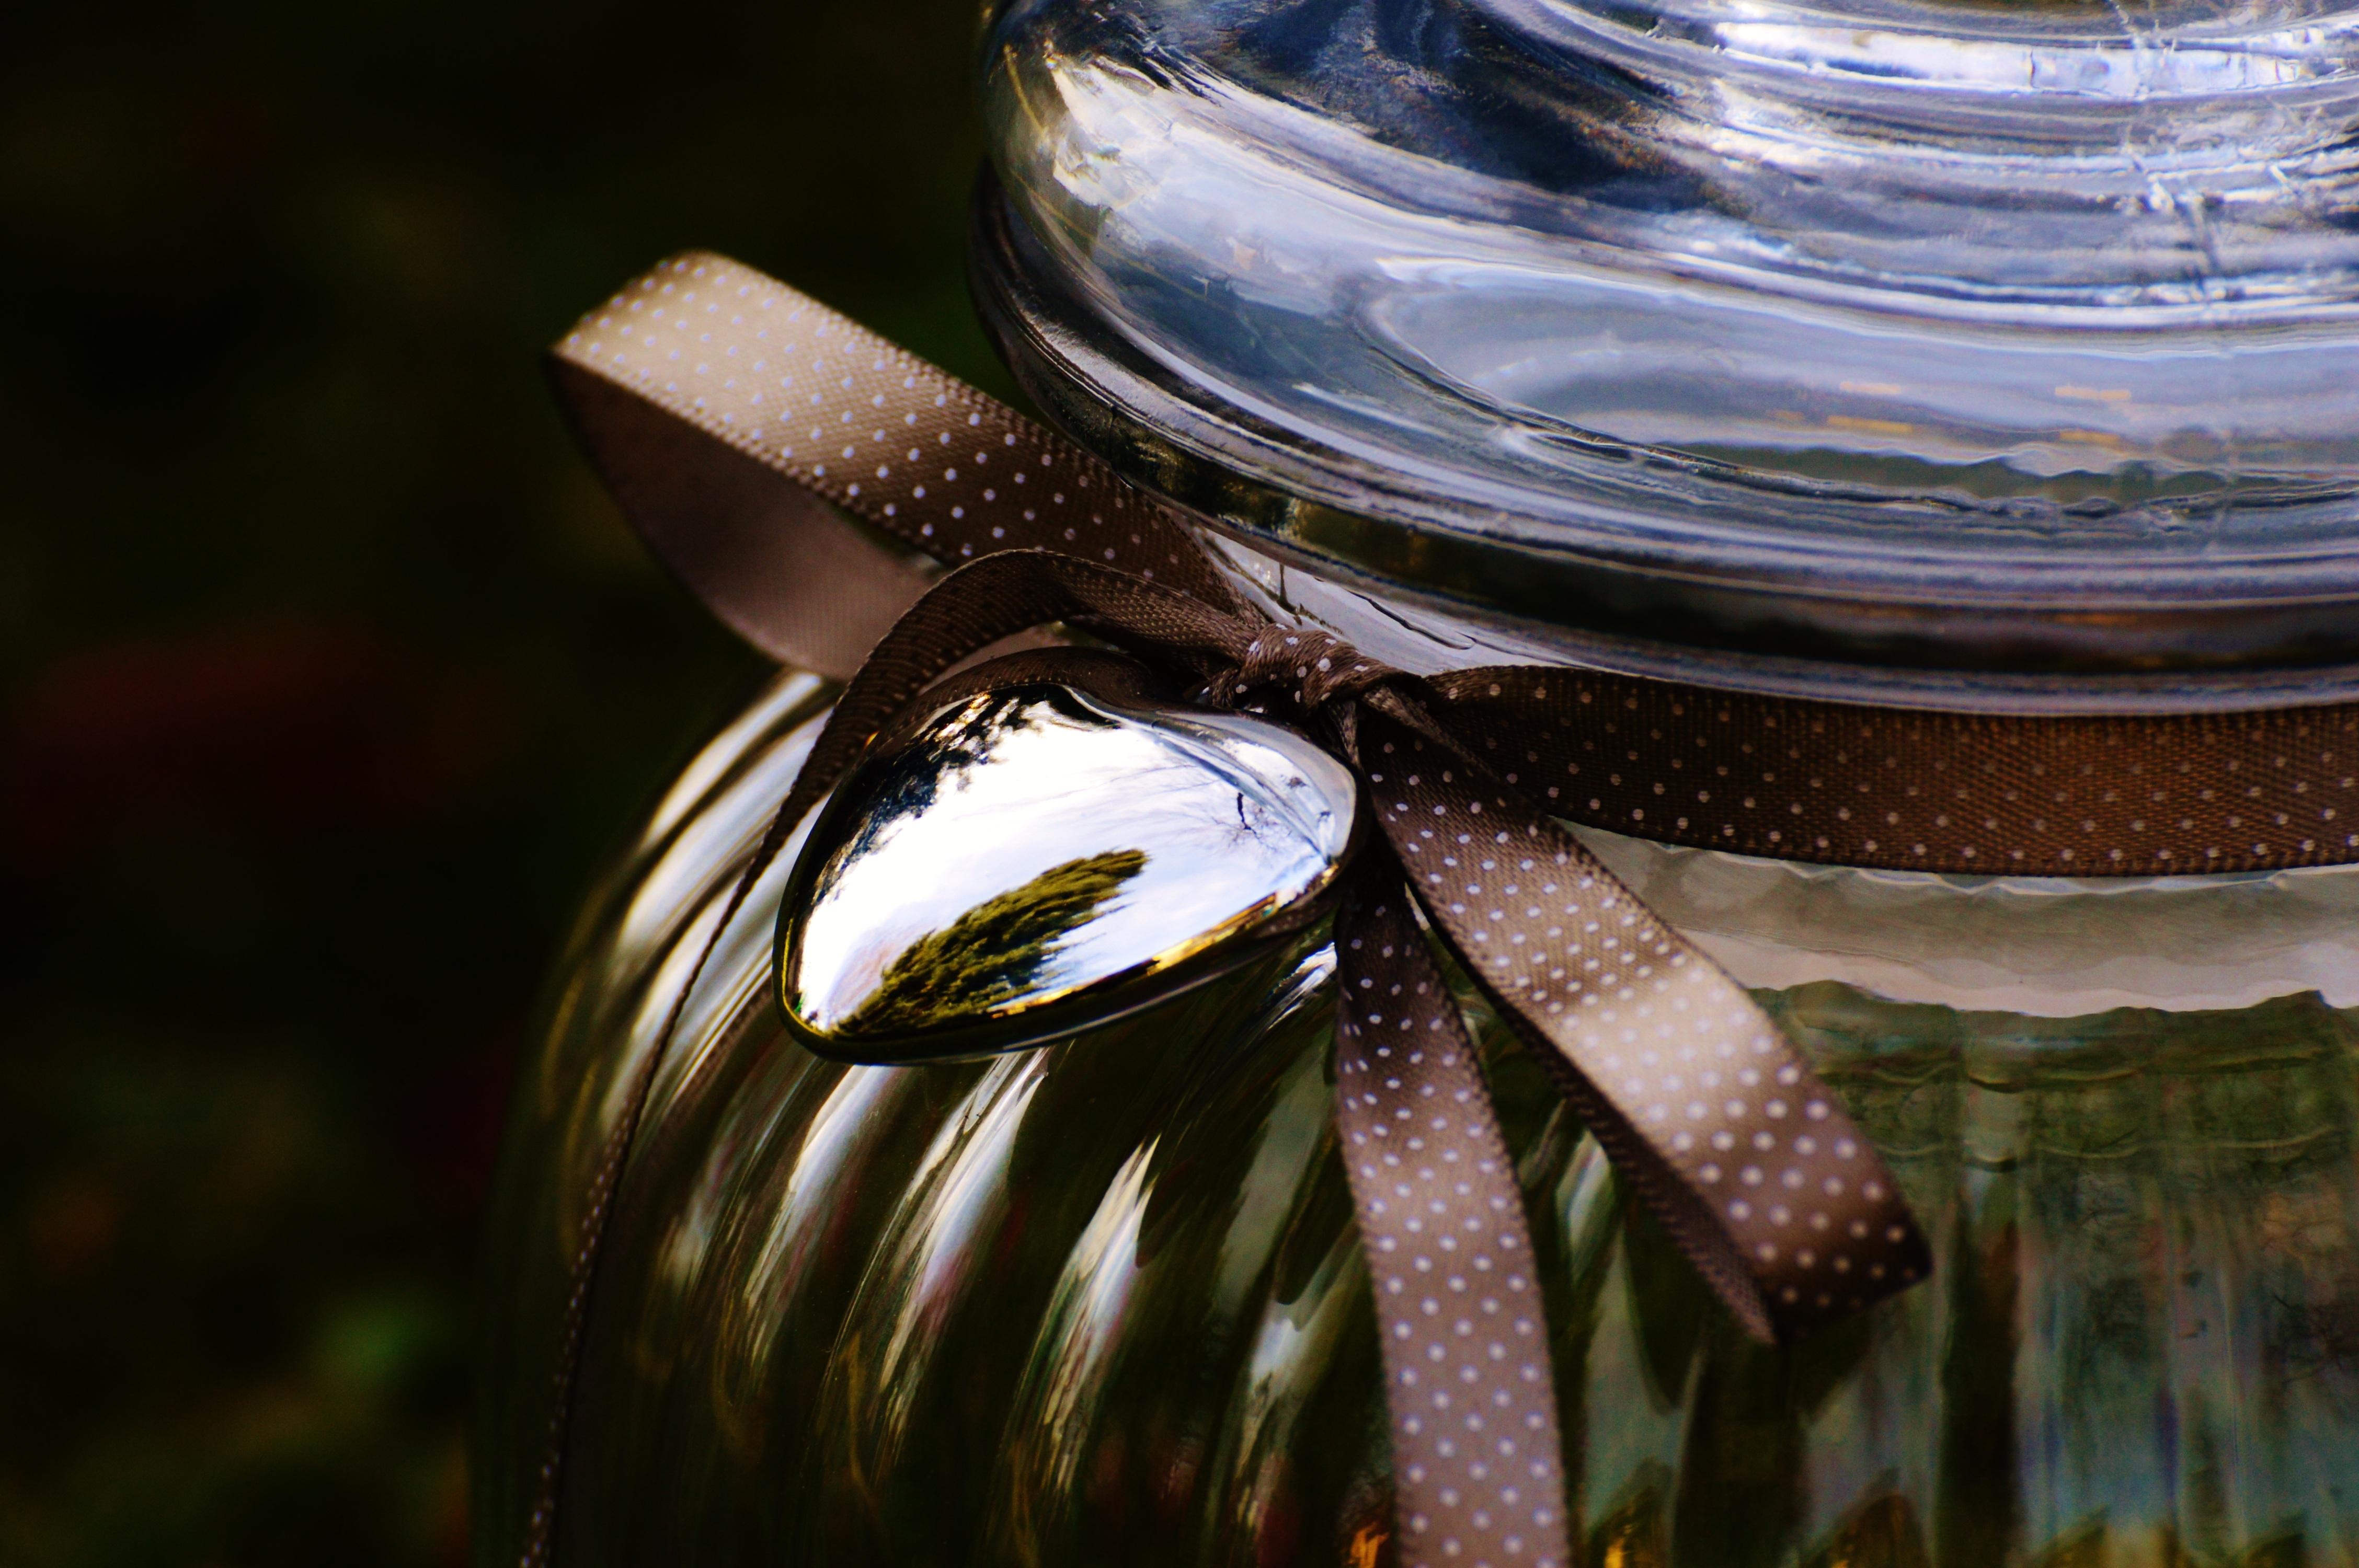 Kostenlose foto : Wasser, Licht, Pflanze, Fotografie, Sonnenlicht ...